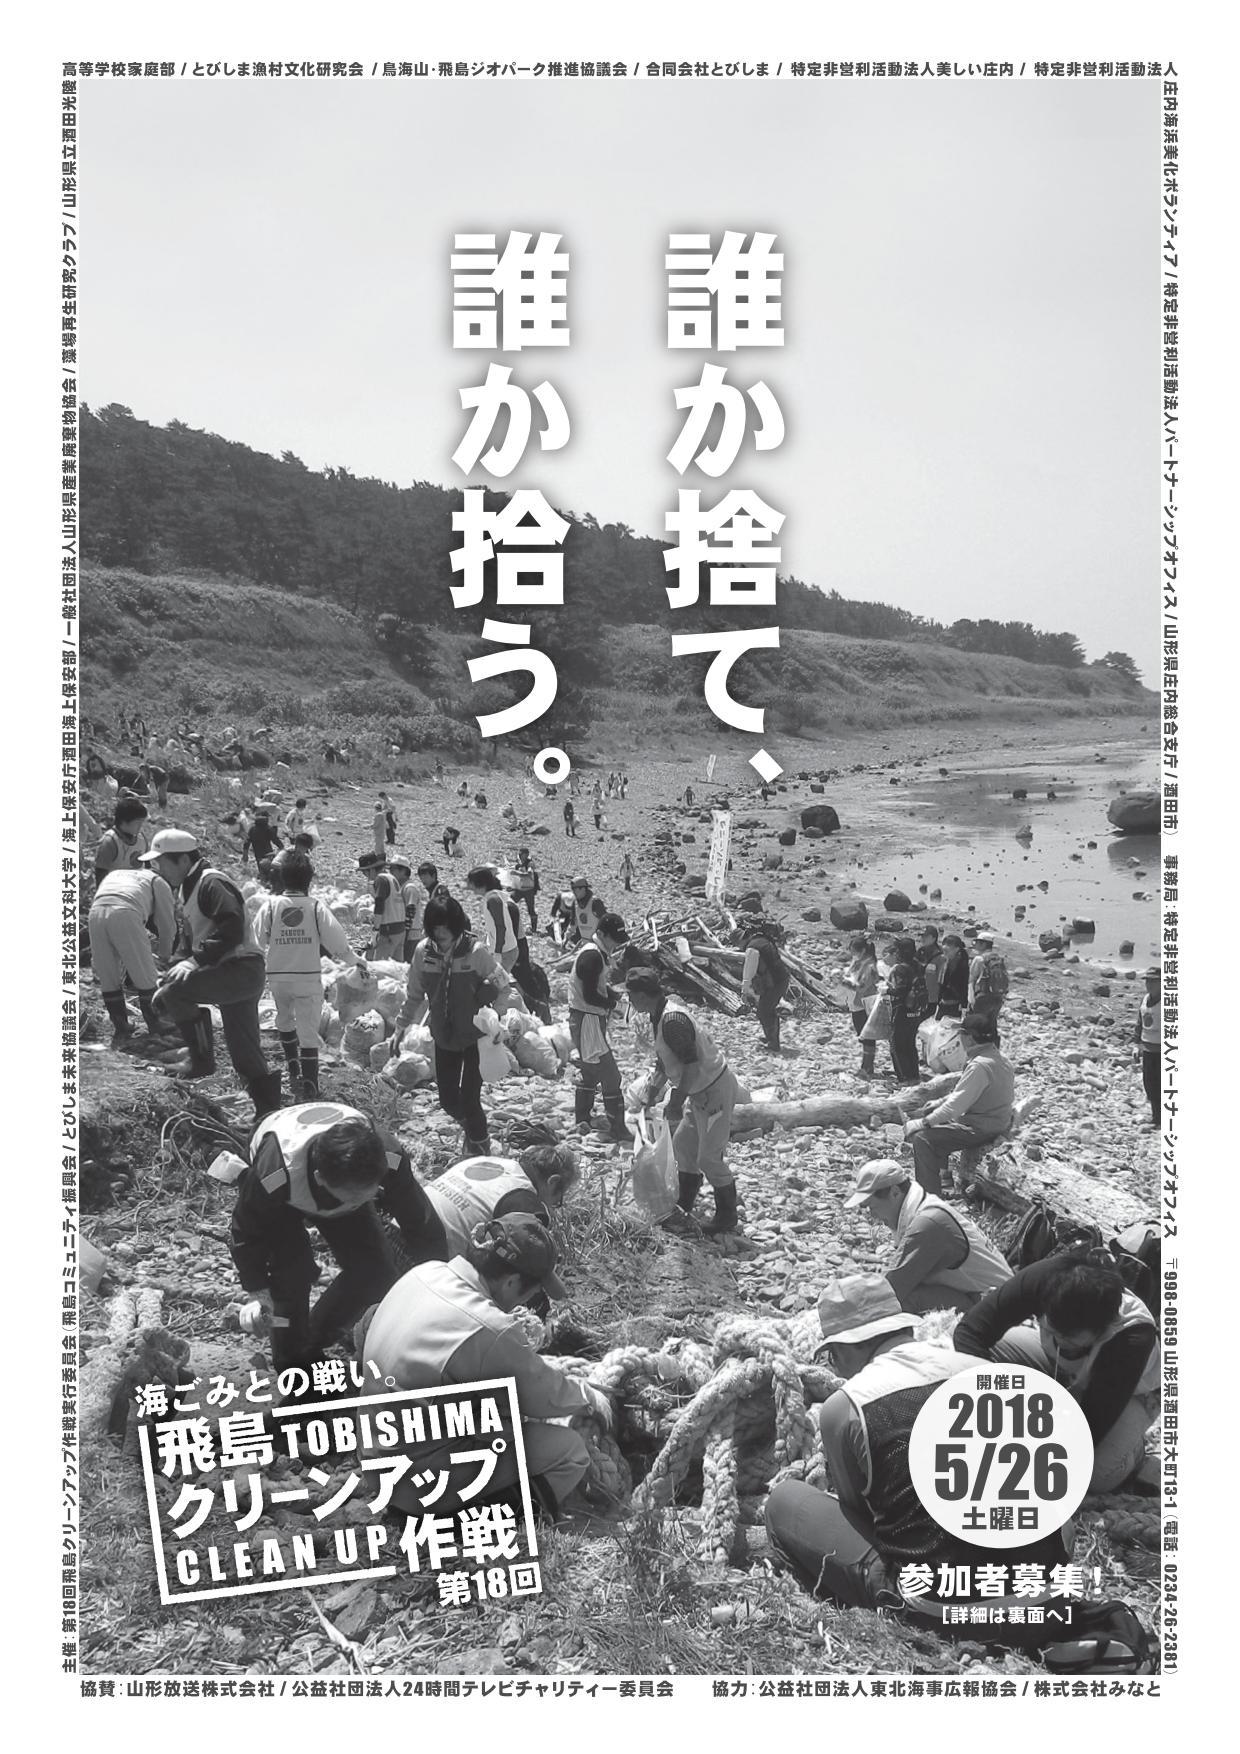 第18回 飛島クリーンアップ作戦 参加者募集!